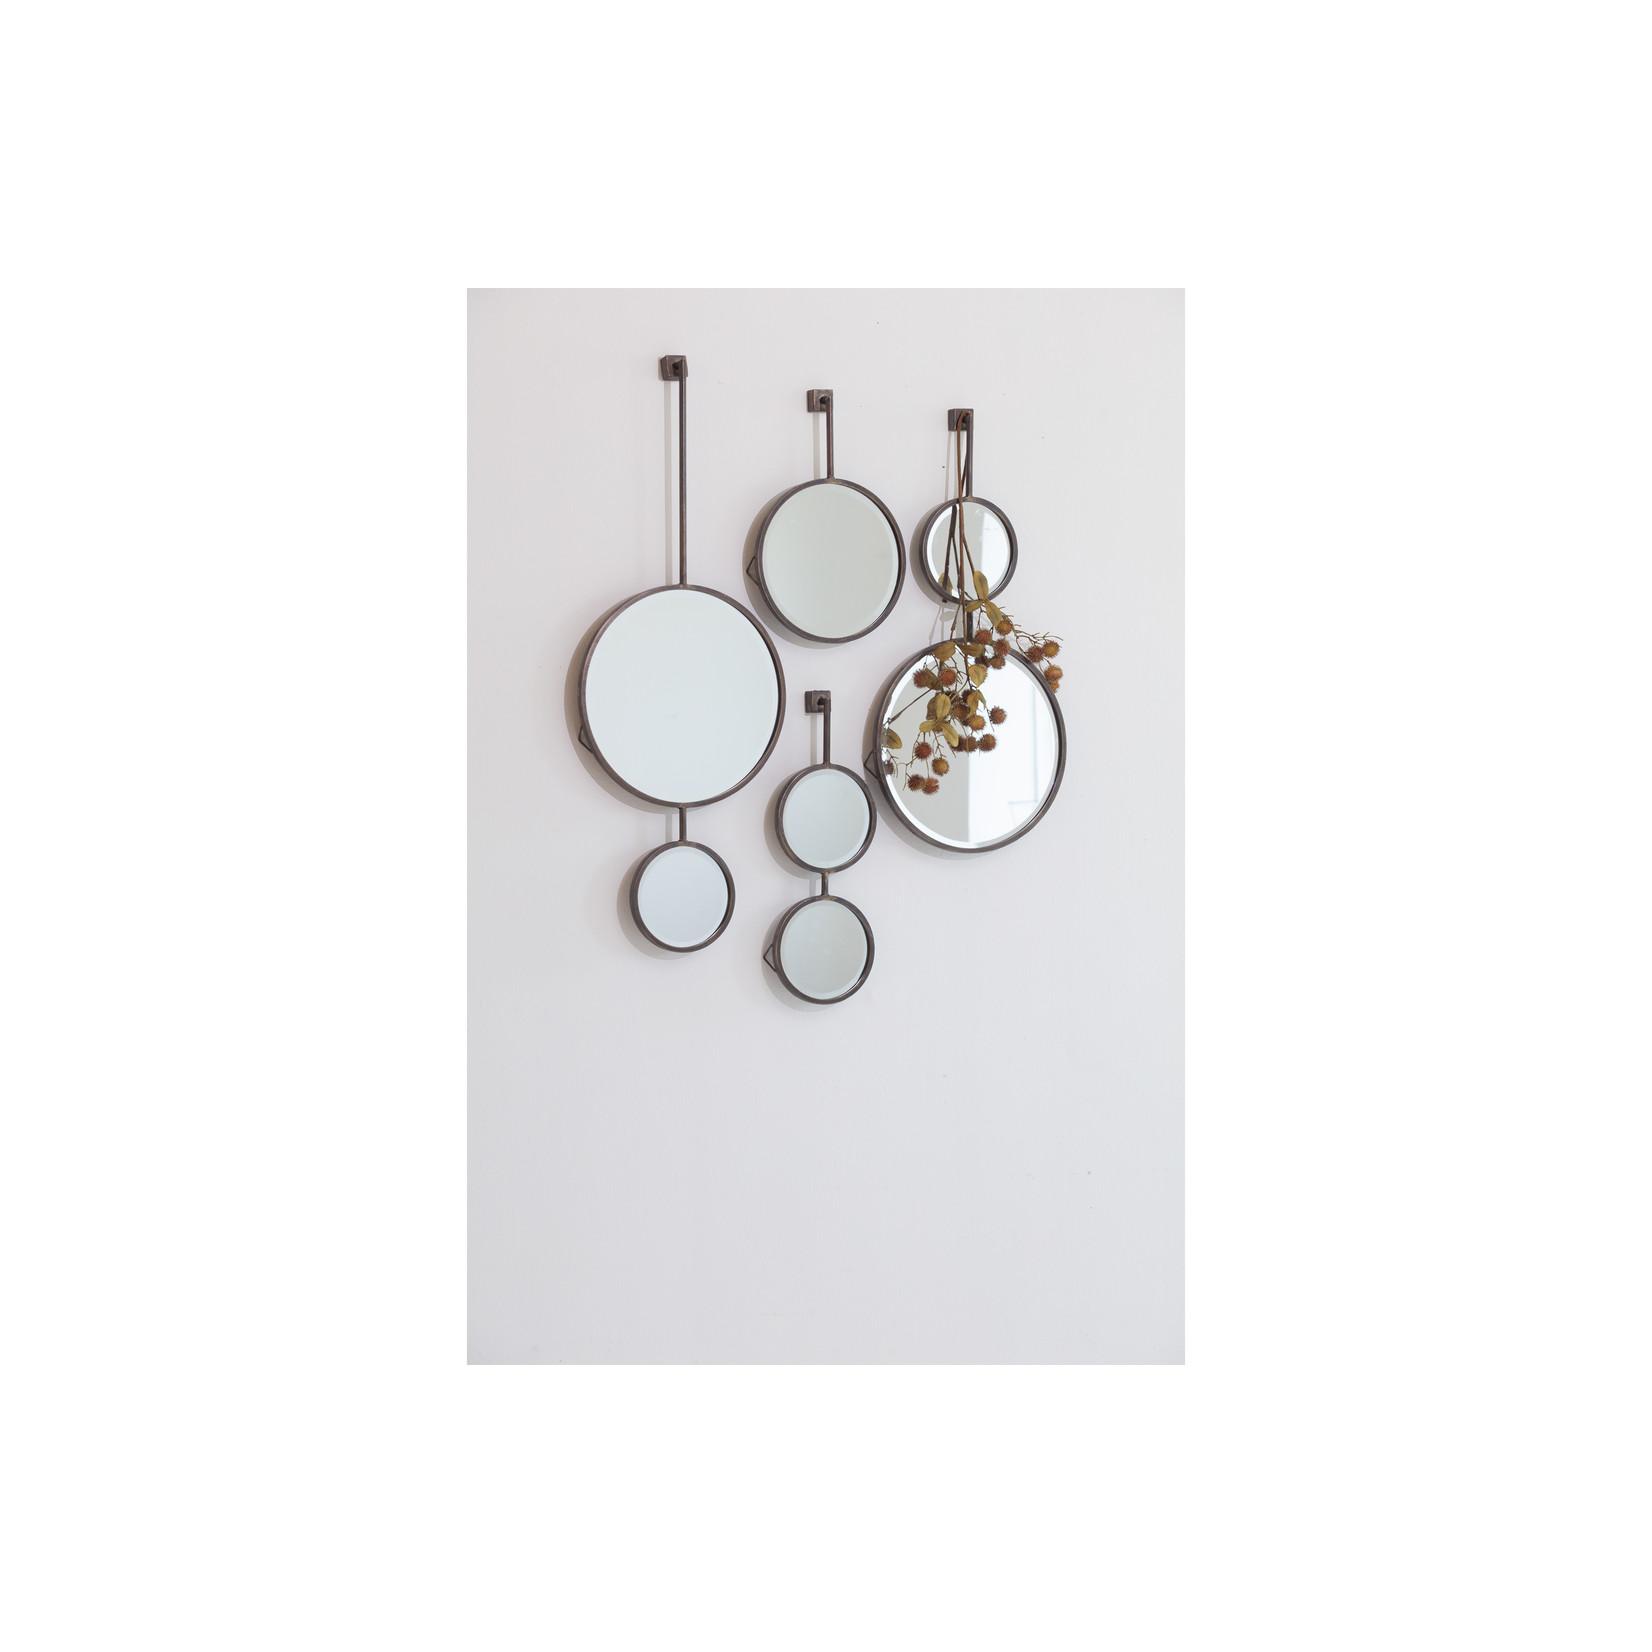 Be Pure Home Chain Enkele Spiegel Antique Zwart